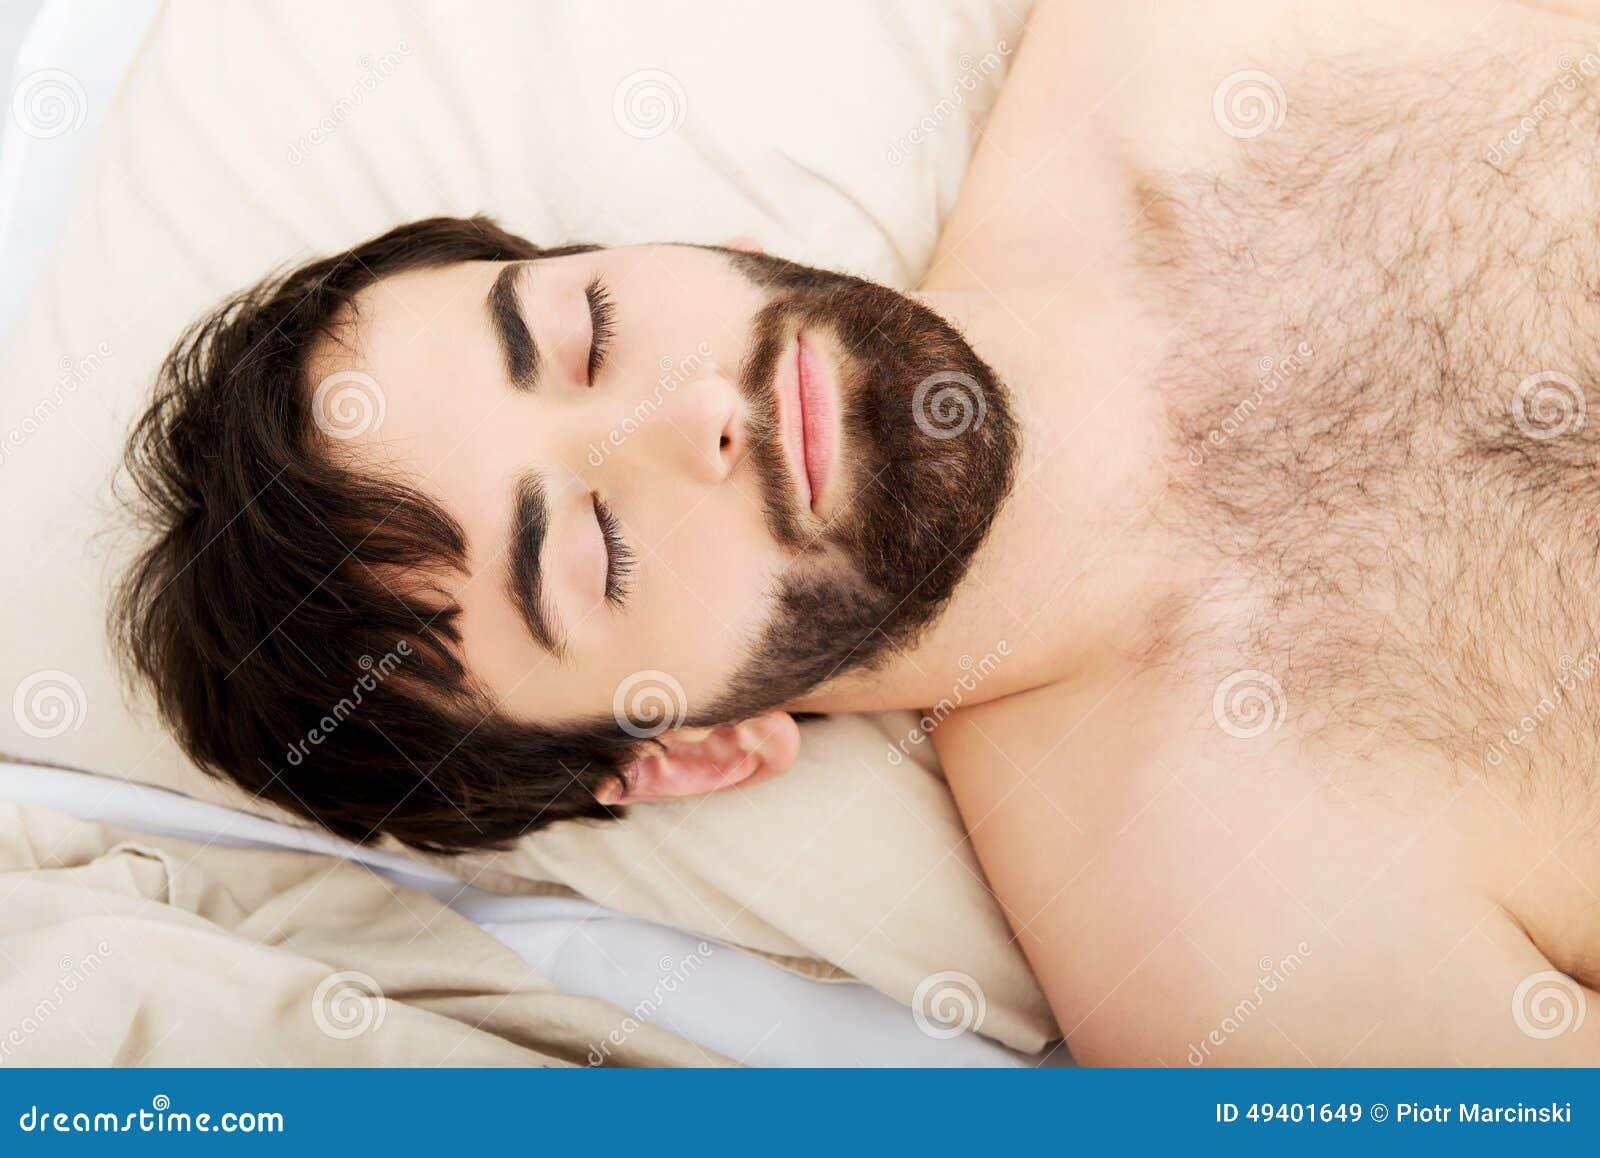 Download Junger Mann, Der Im Bett Liegt Stockbild - Bild von bett, ausdruck: 49401649